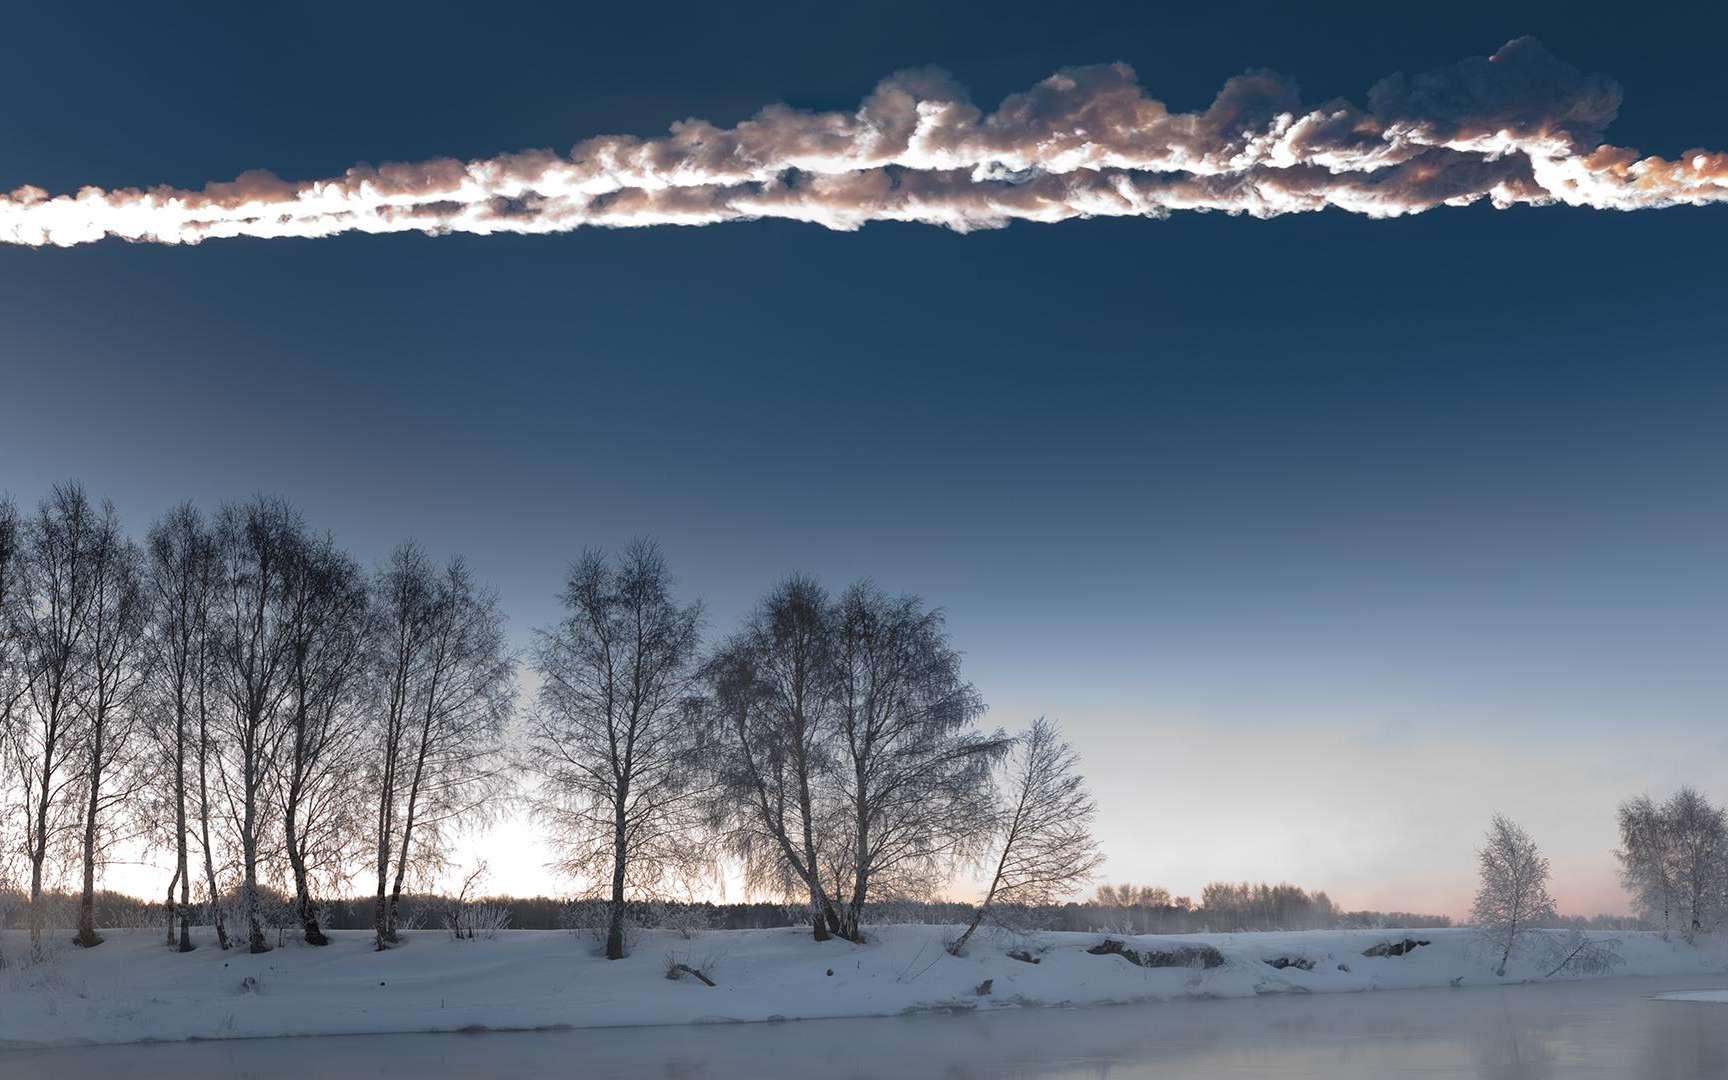 La double traînée de la météorite de Tcheliabinsk a été photographiée alors qu'elle fendait le ciel de l'Oural, le matin du 15 février 2013. © M. Ahmetvaleev